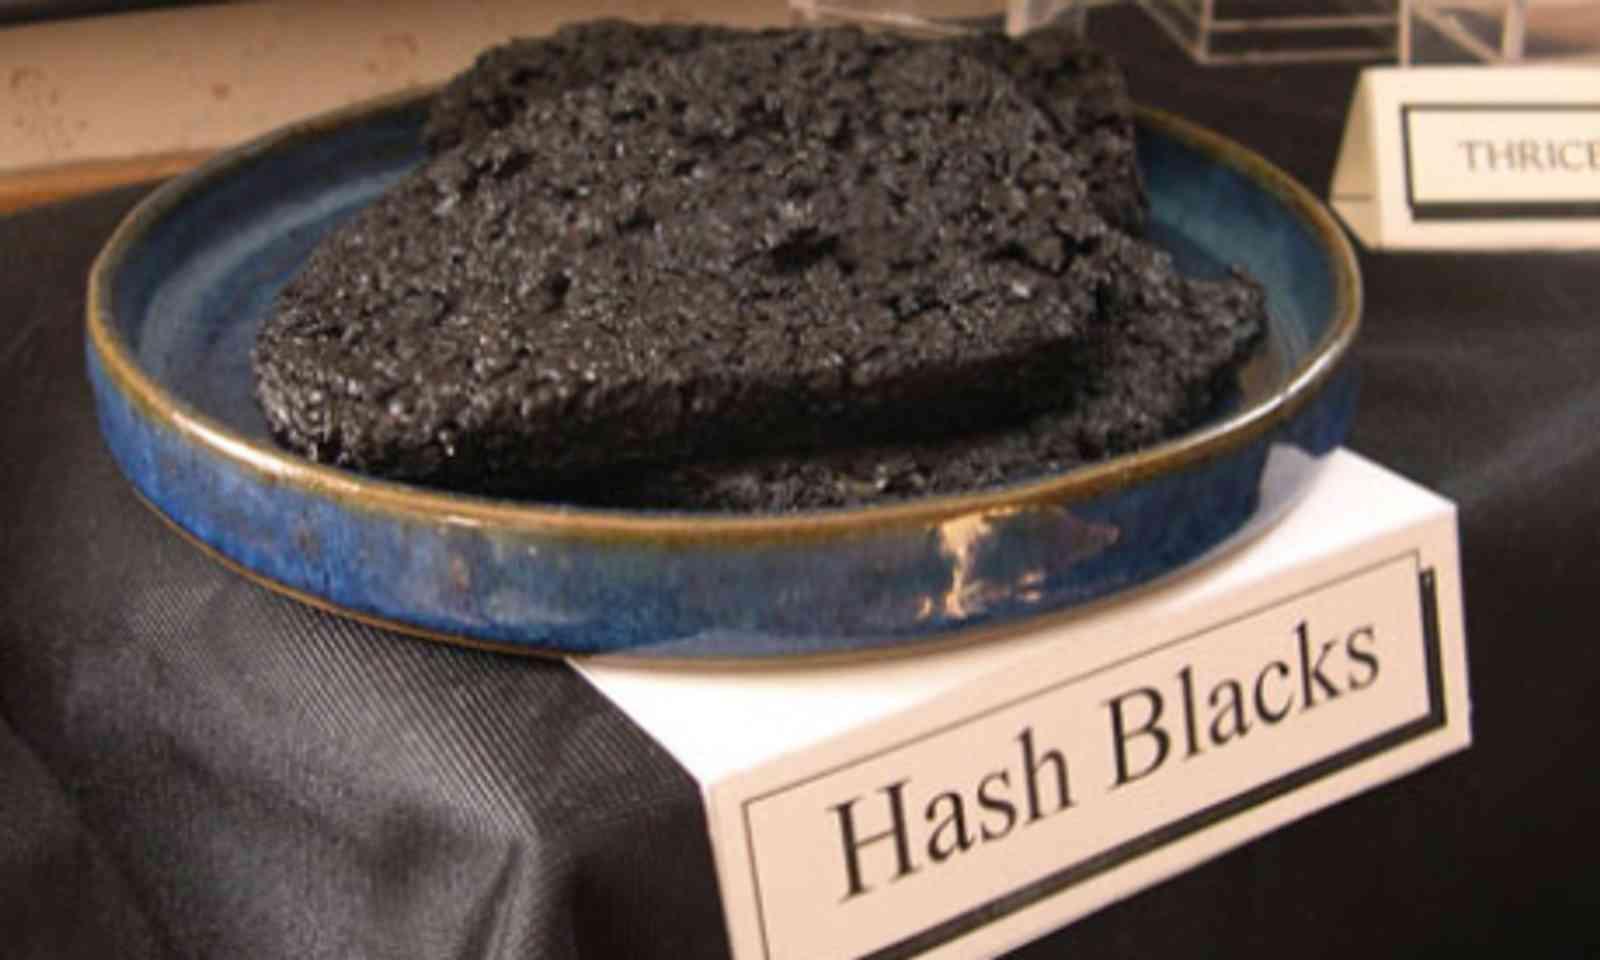 Burnt Food (official website)